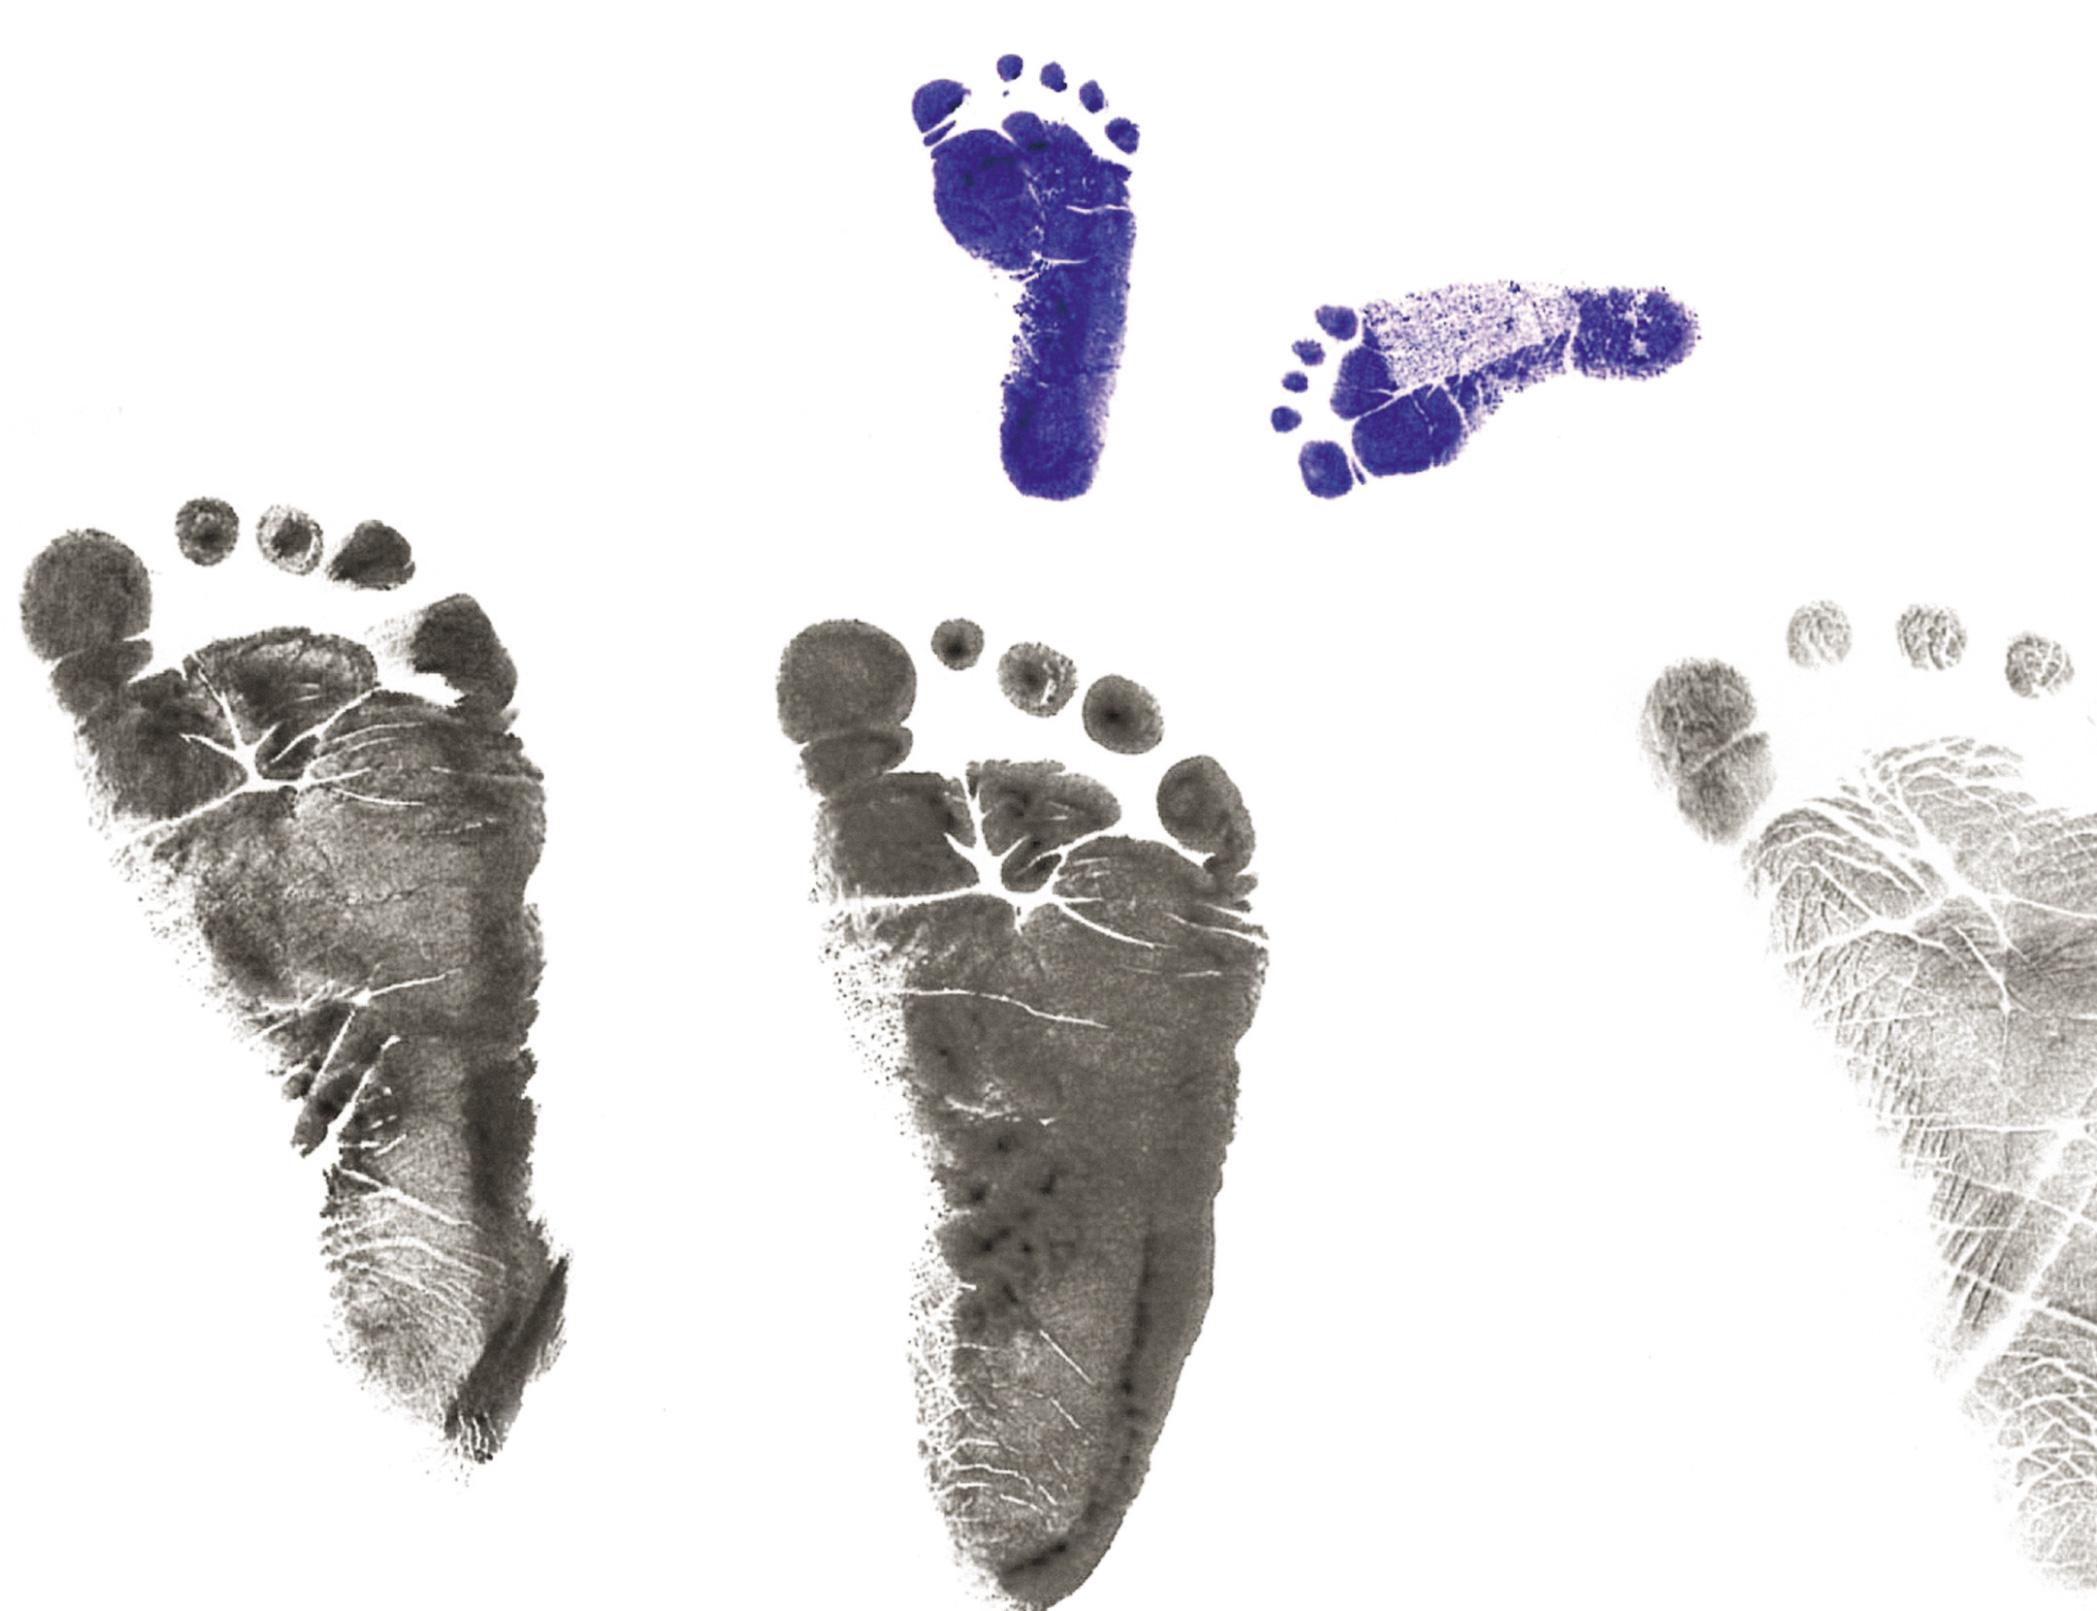 Nas imagens do alto, os pés de Arthur ao nascer (3,7 cm) comparados a pés de recém-nascidos de tamanho e peso normais. Duas vidas